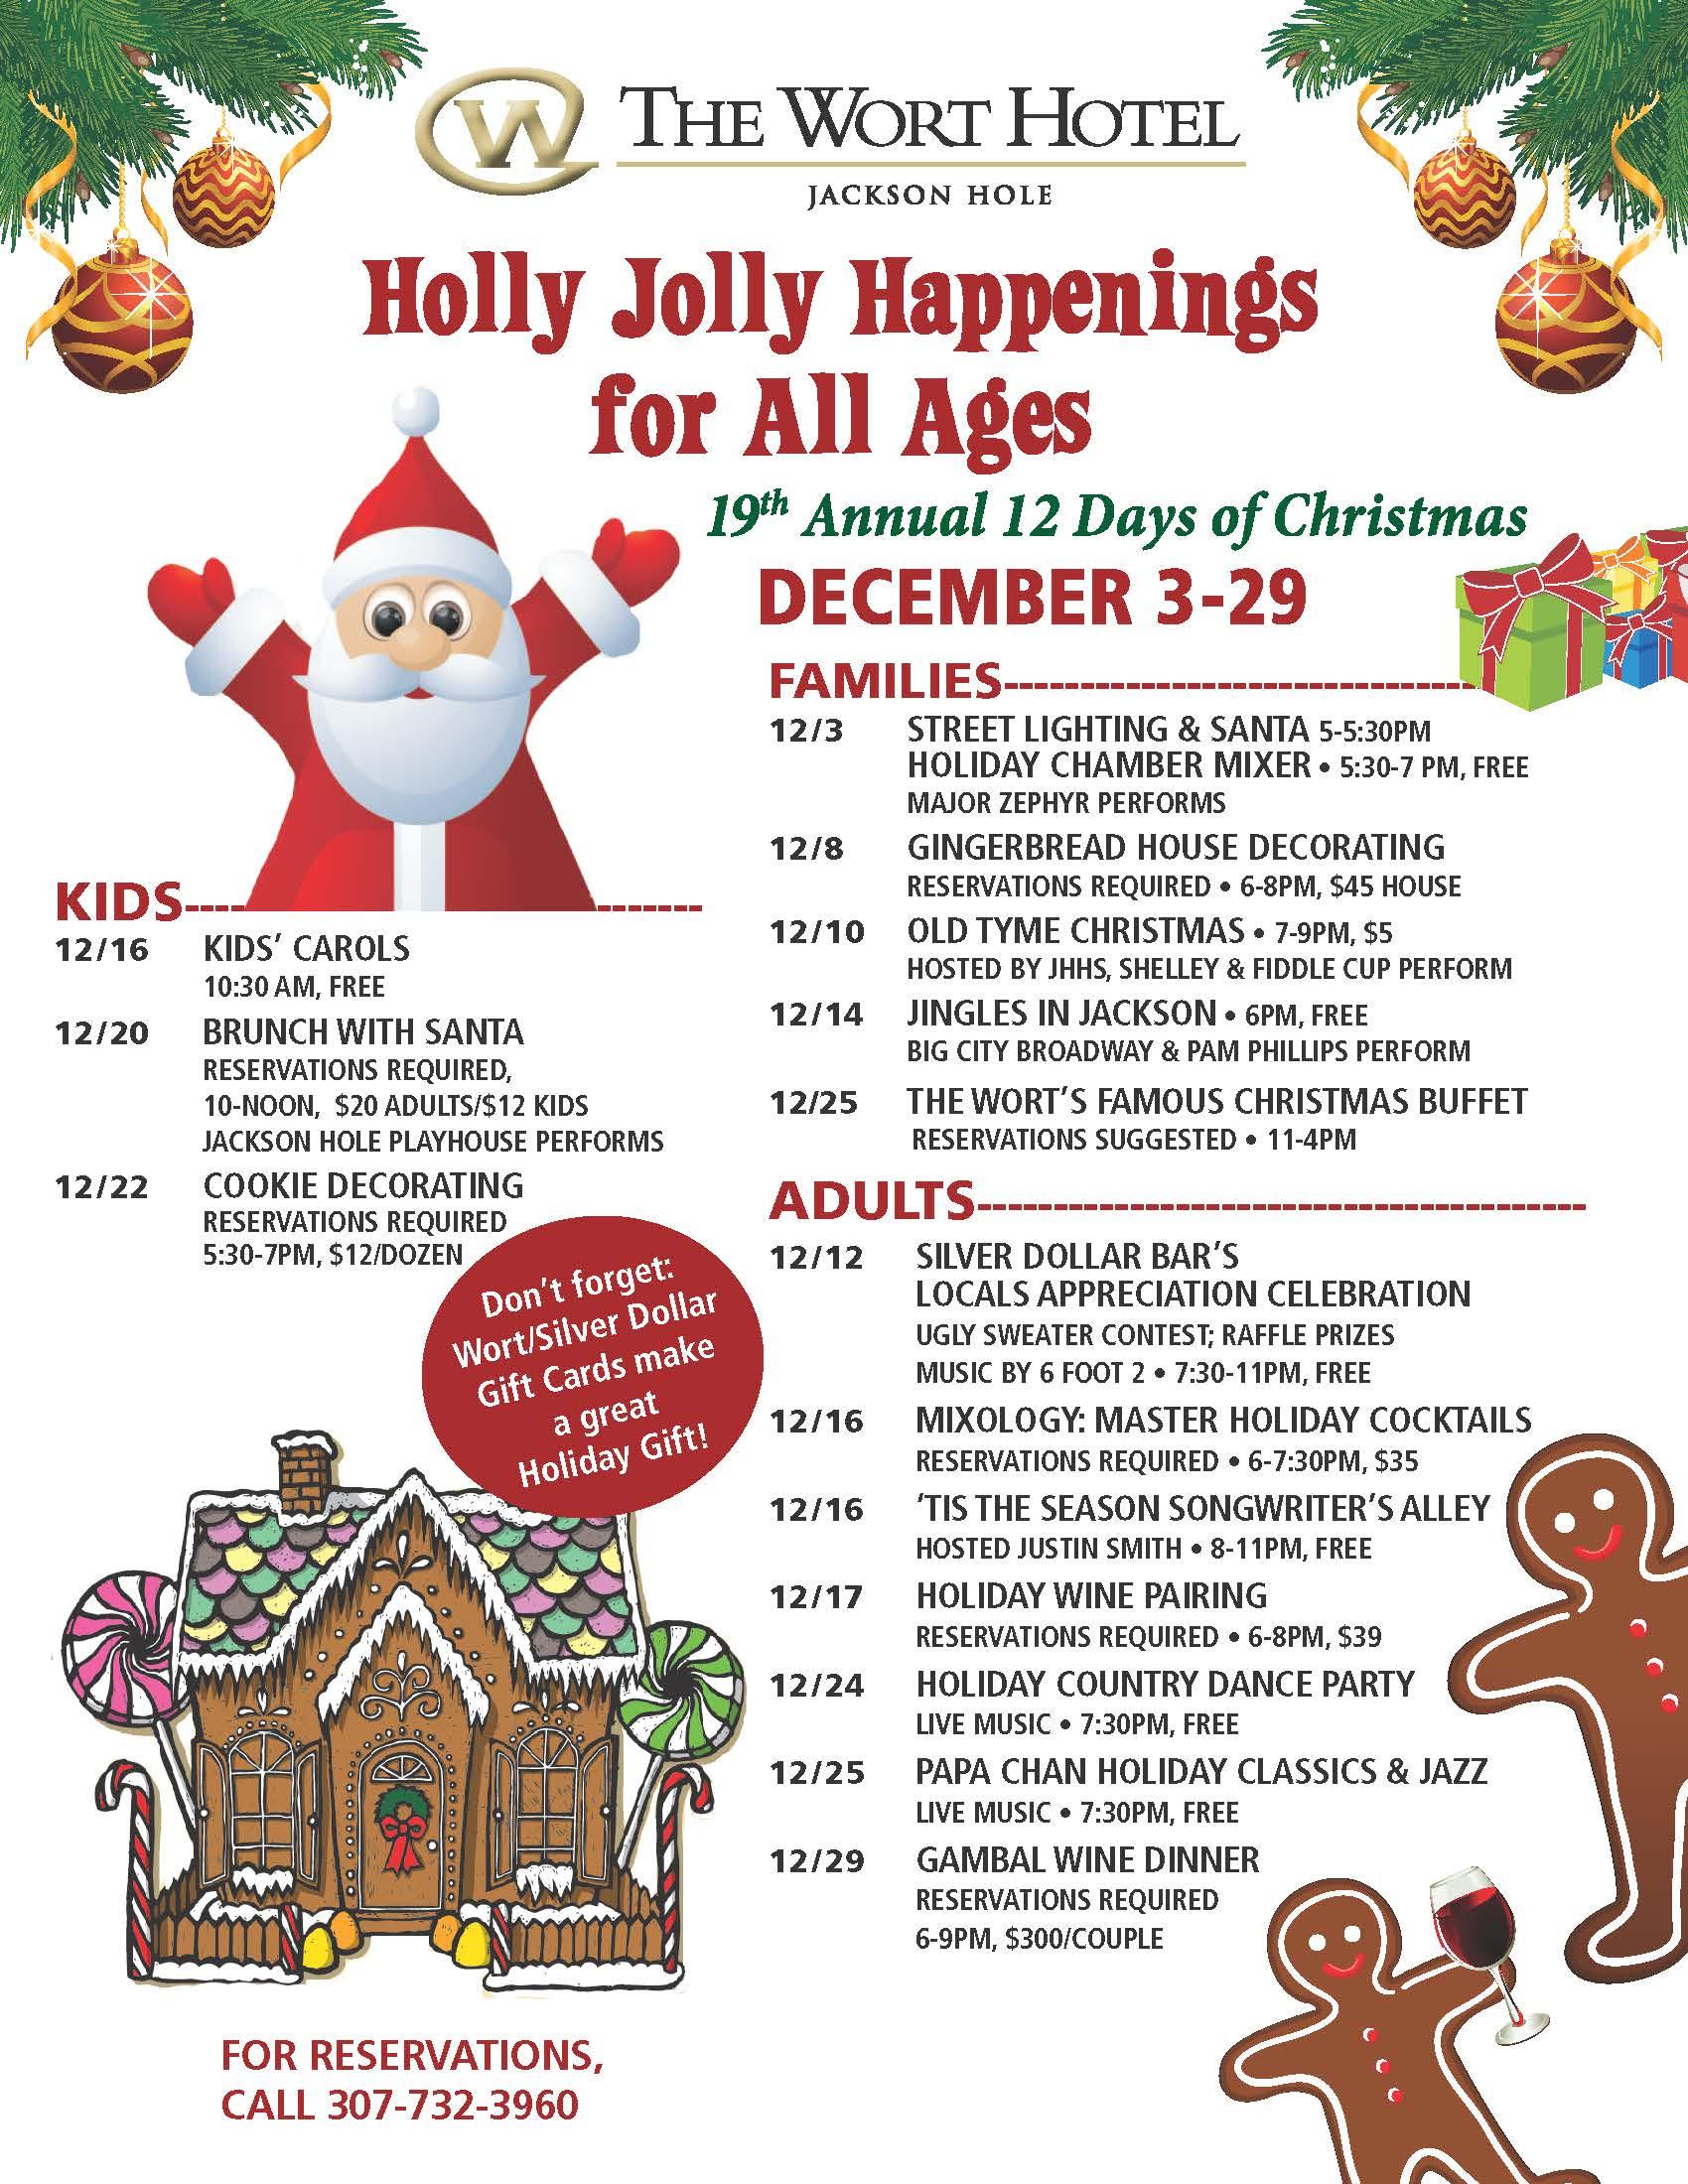 Jackson Hole Holiday Events & Celebrations 2015